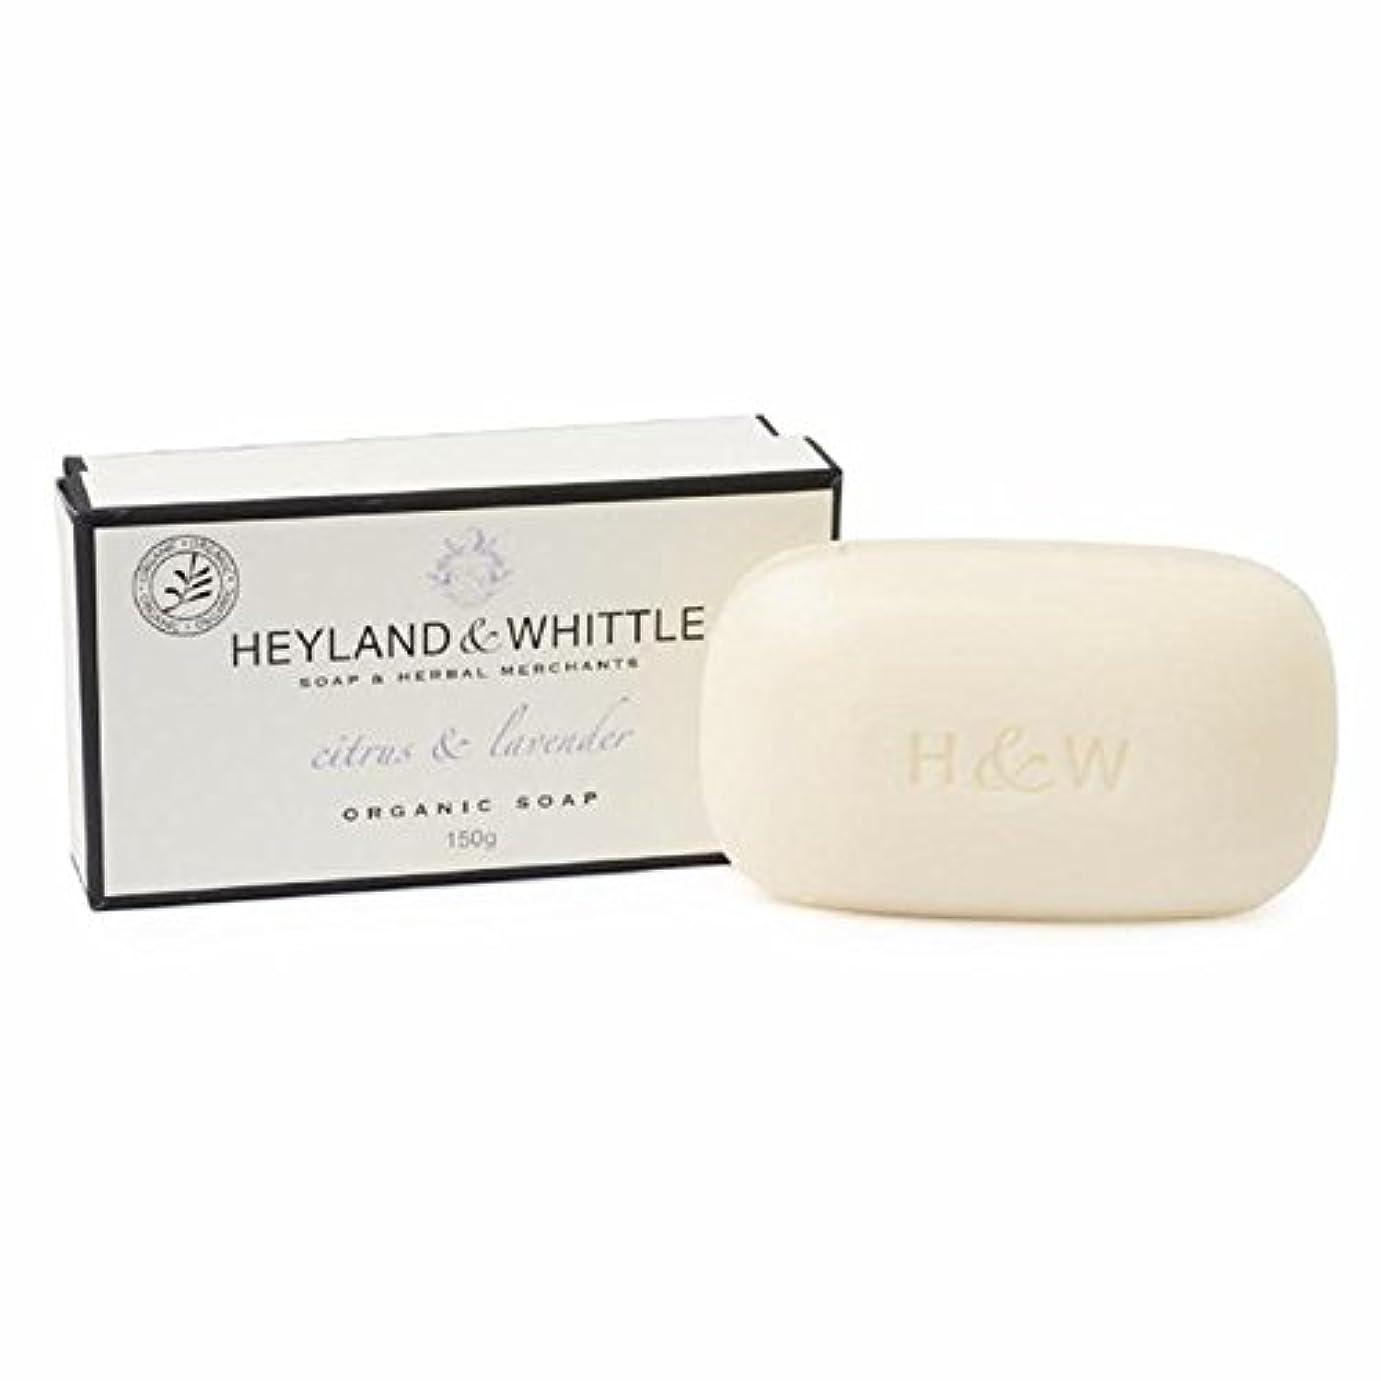 小さいムスによるとHeyland & Whittle Citrus & Lavender Boxed Organic Soap 150g (Pack of 6) - &削るシトラス&ラベンダーは、有機石鹸150グラム箱入り x6 [並行輸入品]